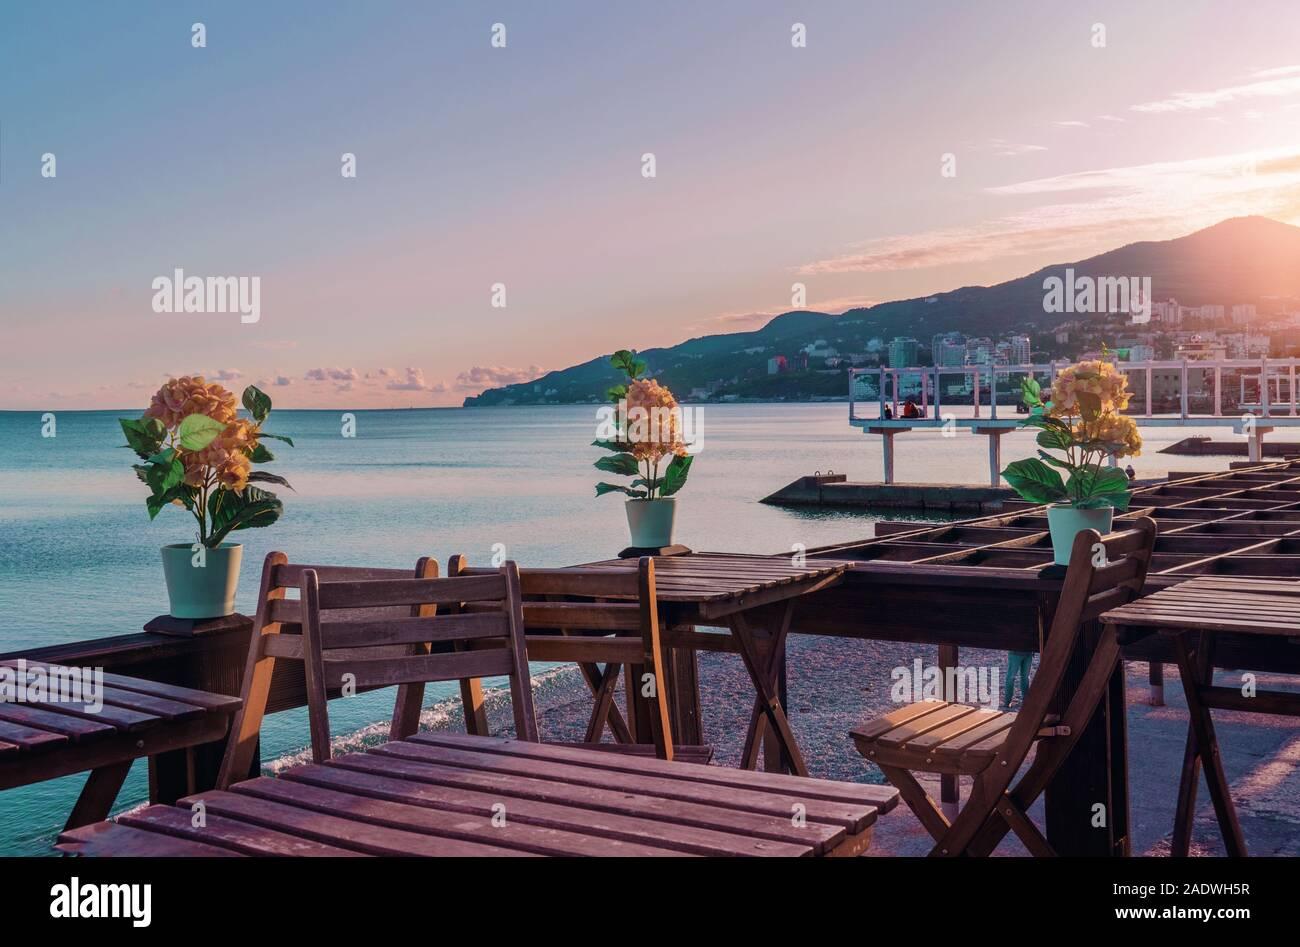 Vue sur la côte. Tables et chaises en bois au bord de l'eau par la mer. Plage Massandra, Yalta, en Crimée. Banque D'Images